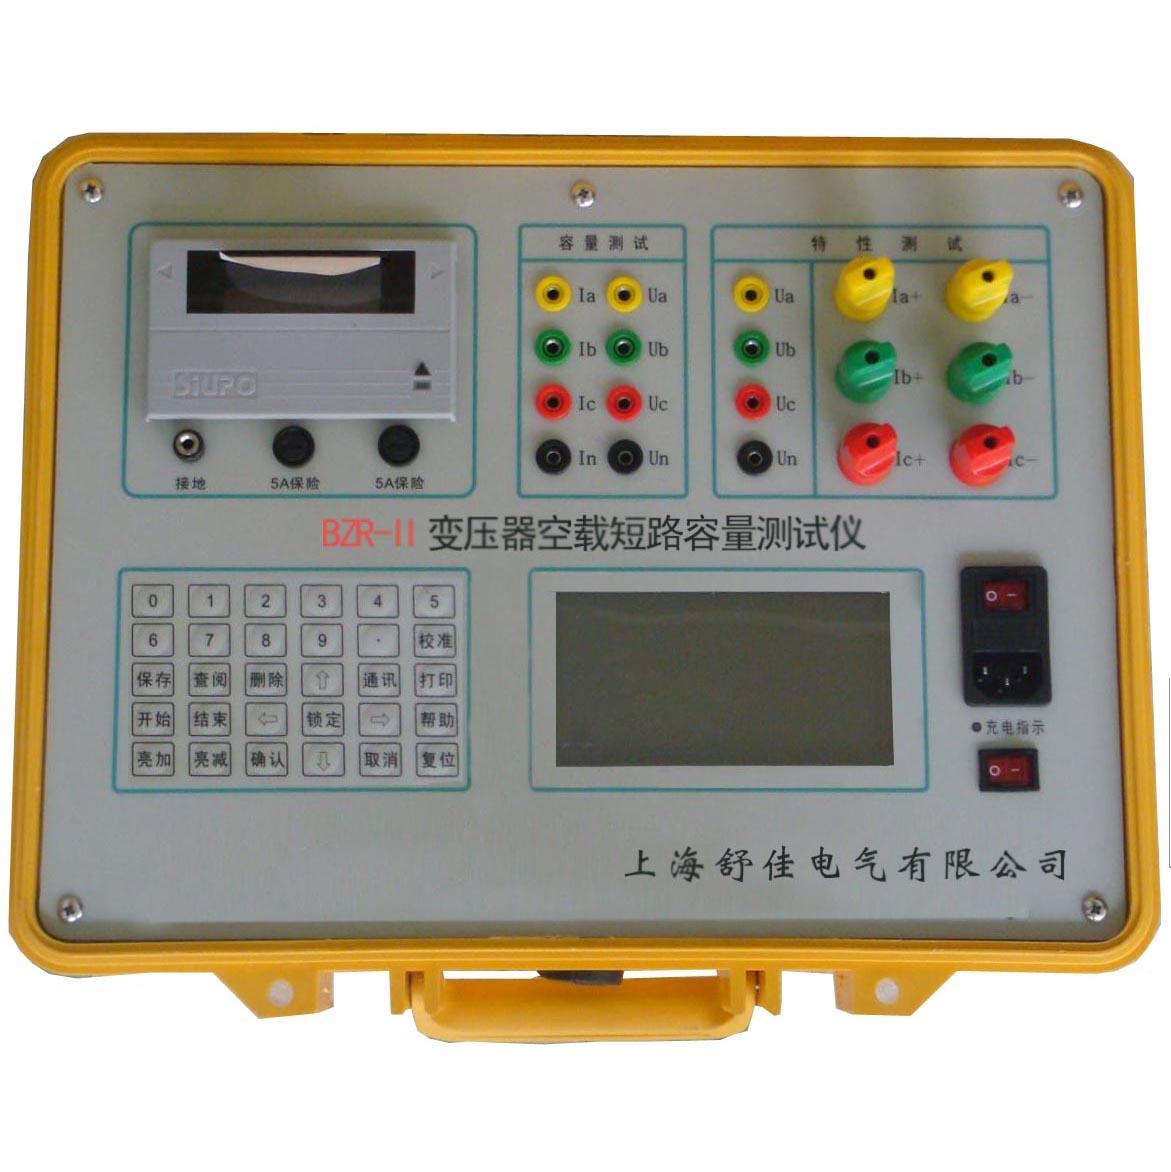 变压器容量测试仪_供应舒佳bzr-ii型变压器容量测试